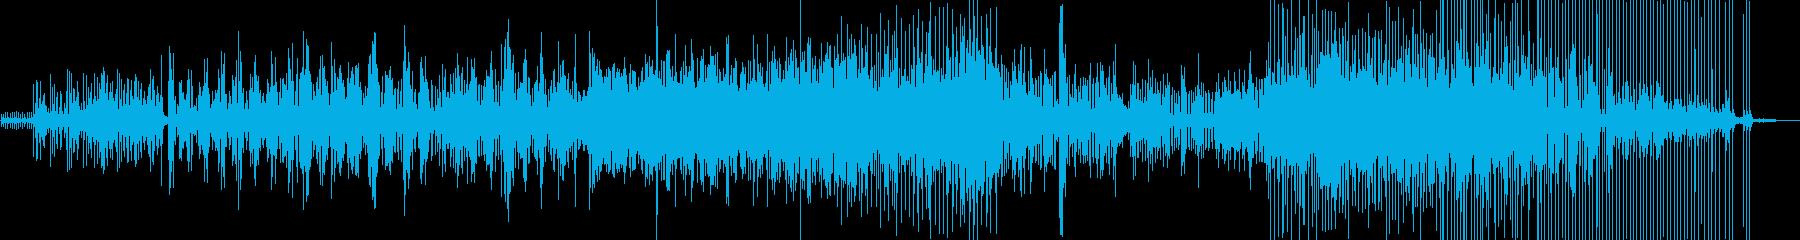 警察の音とリズム、期待、サスペンス...の再生済みの波形